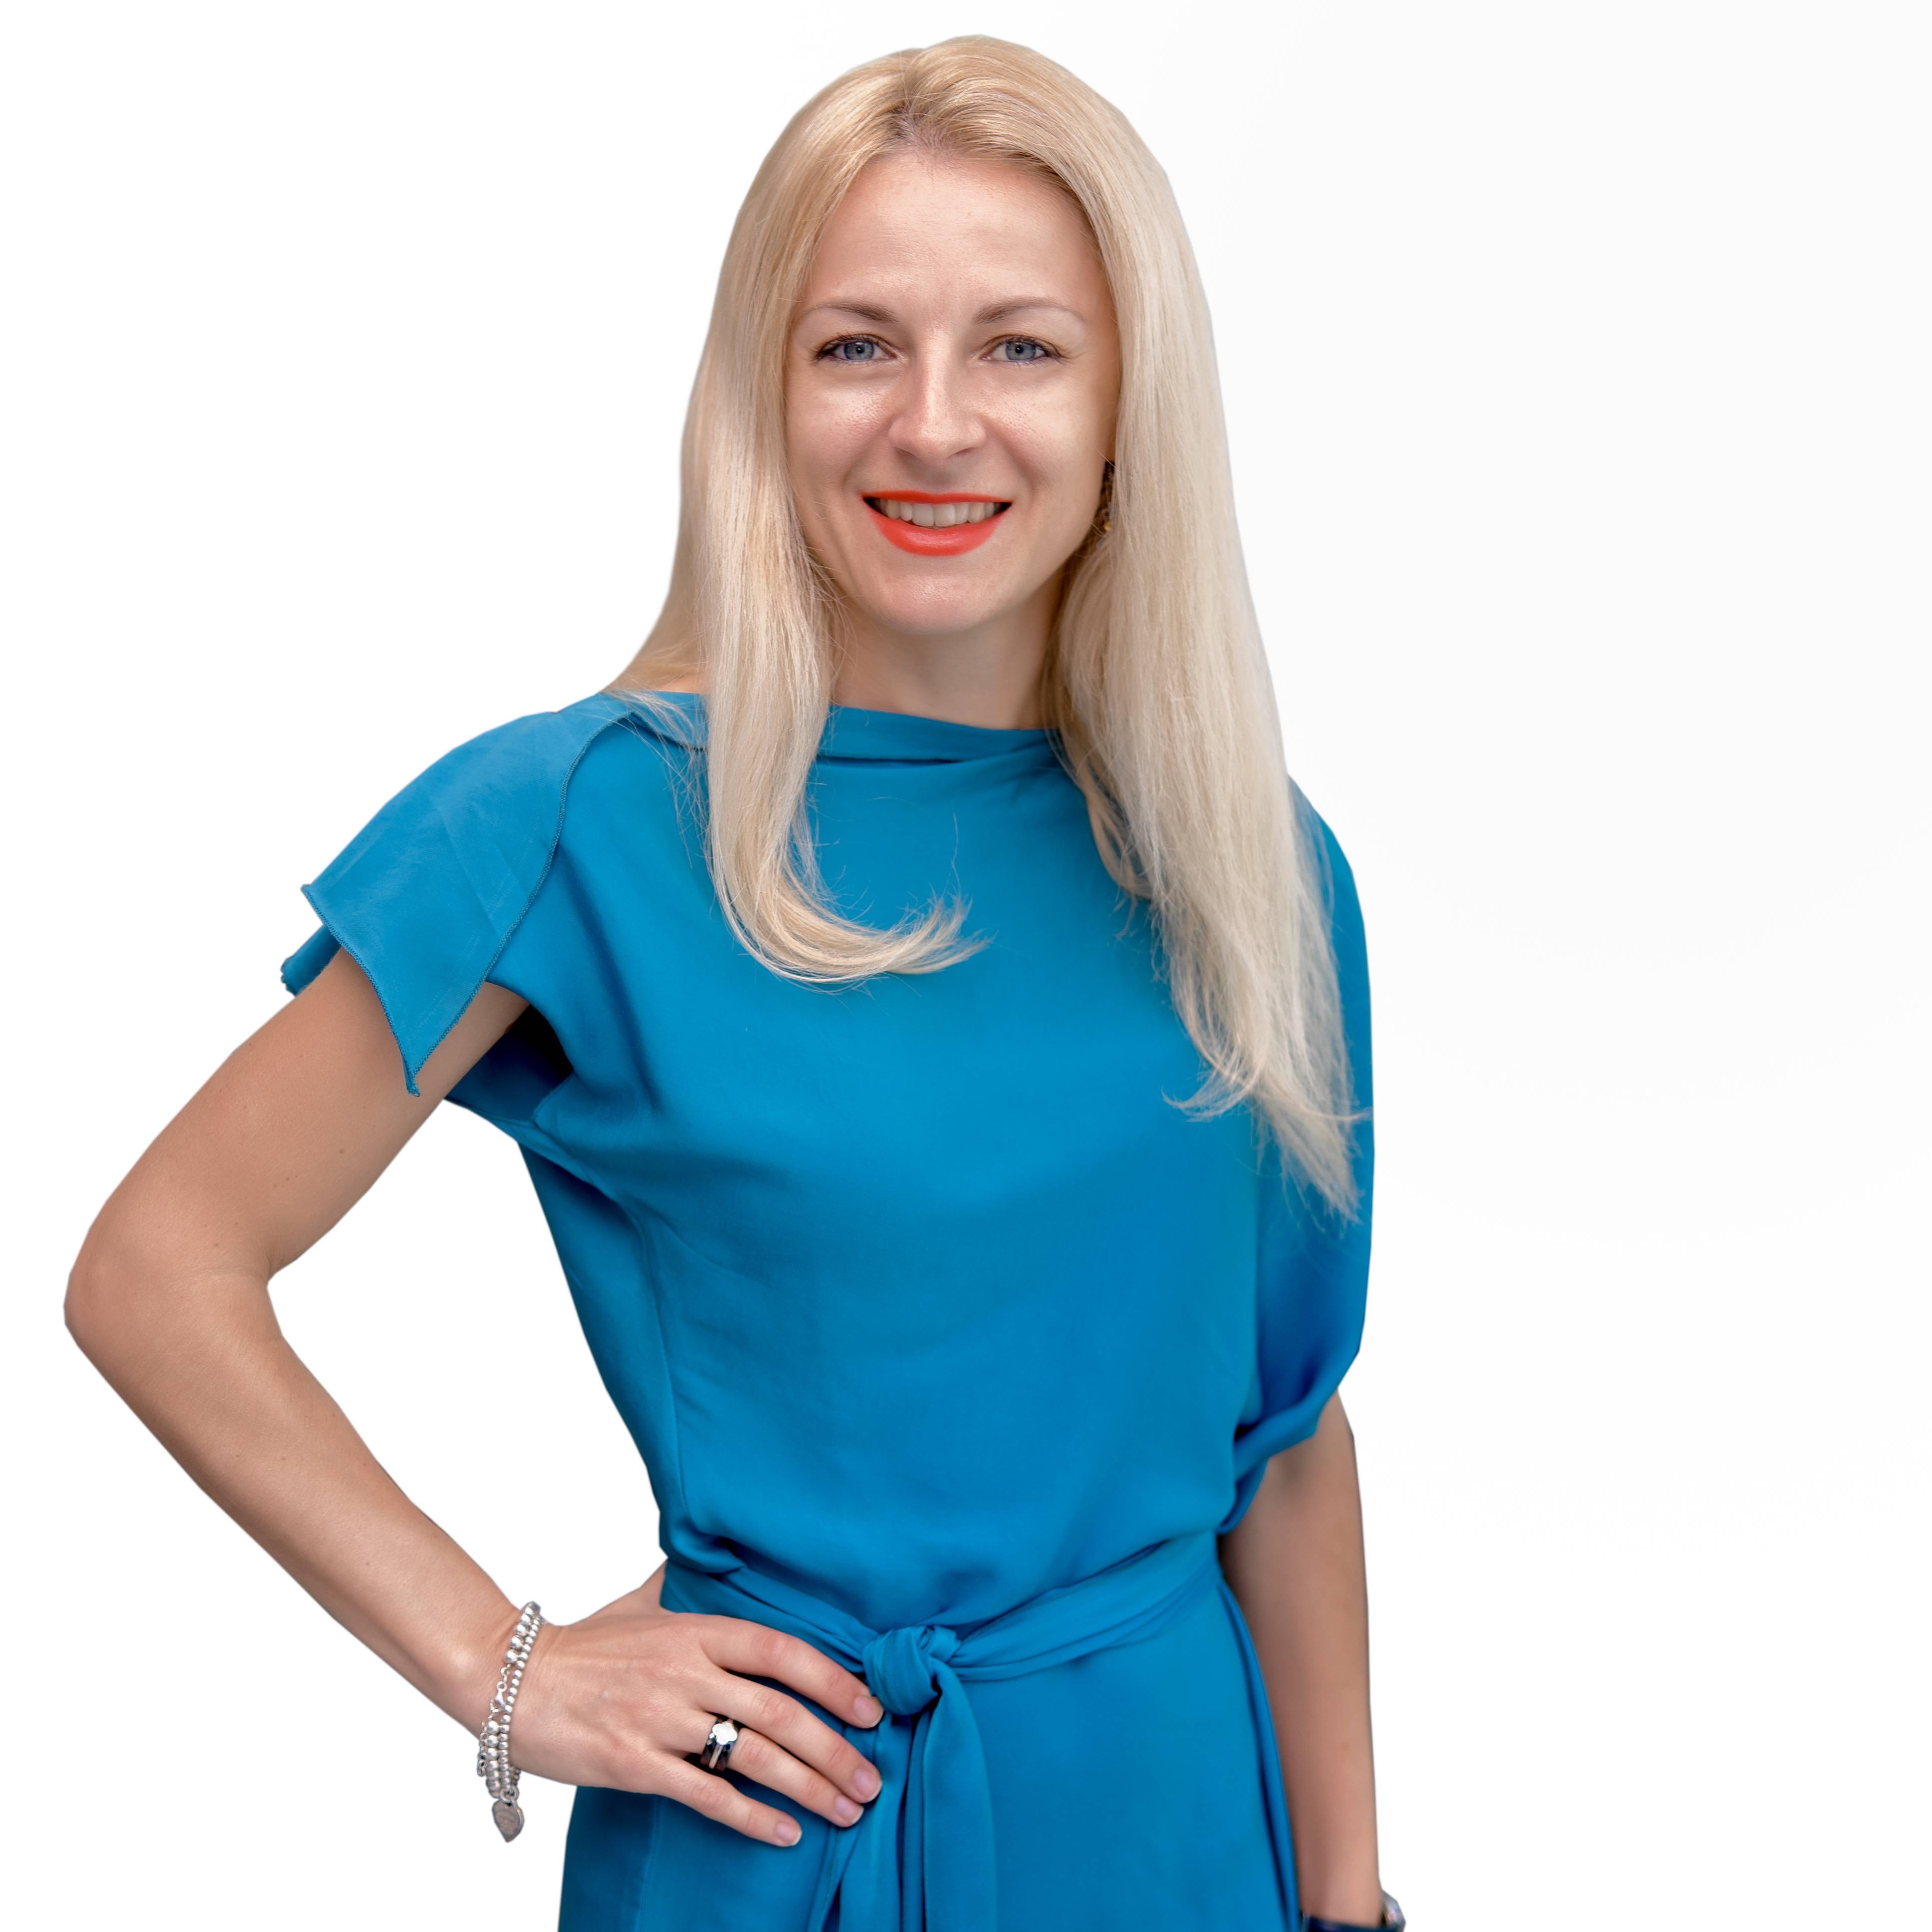 Anna Cherkasova